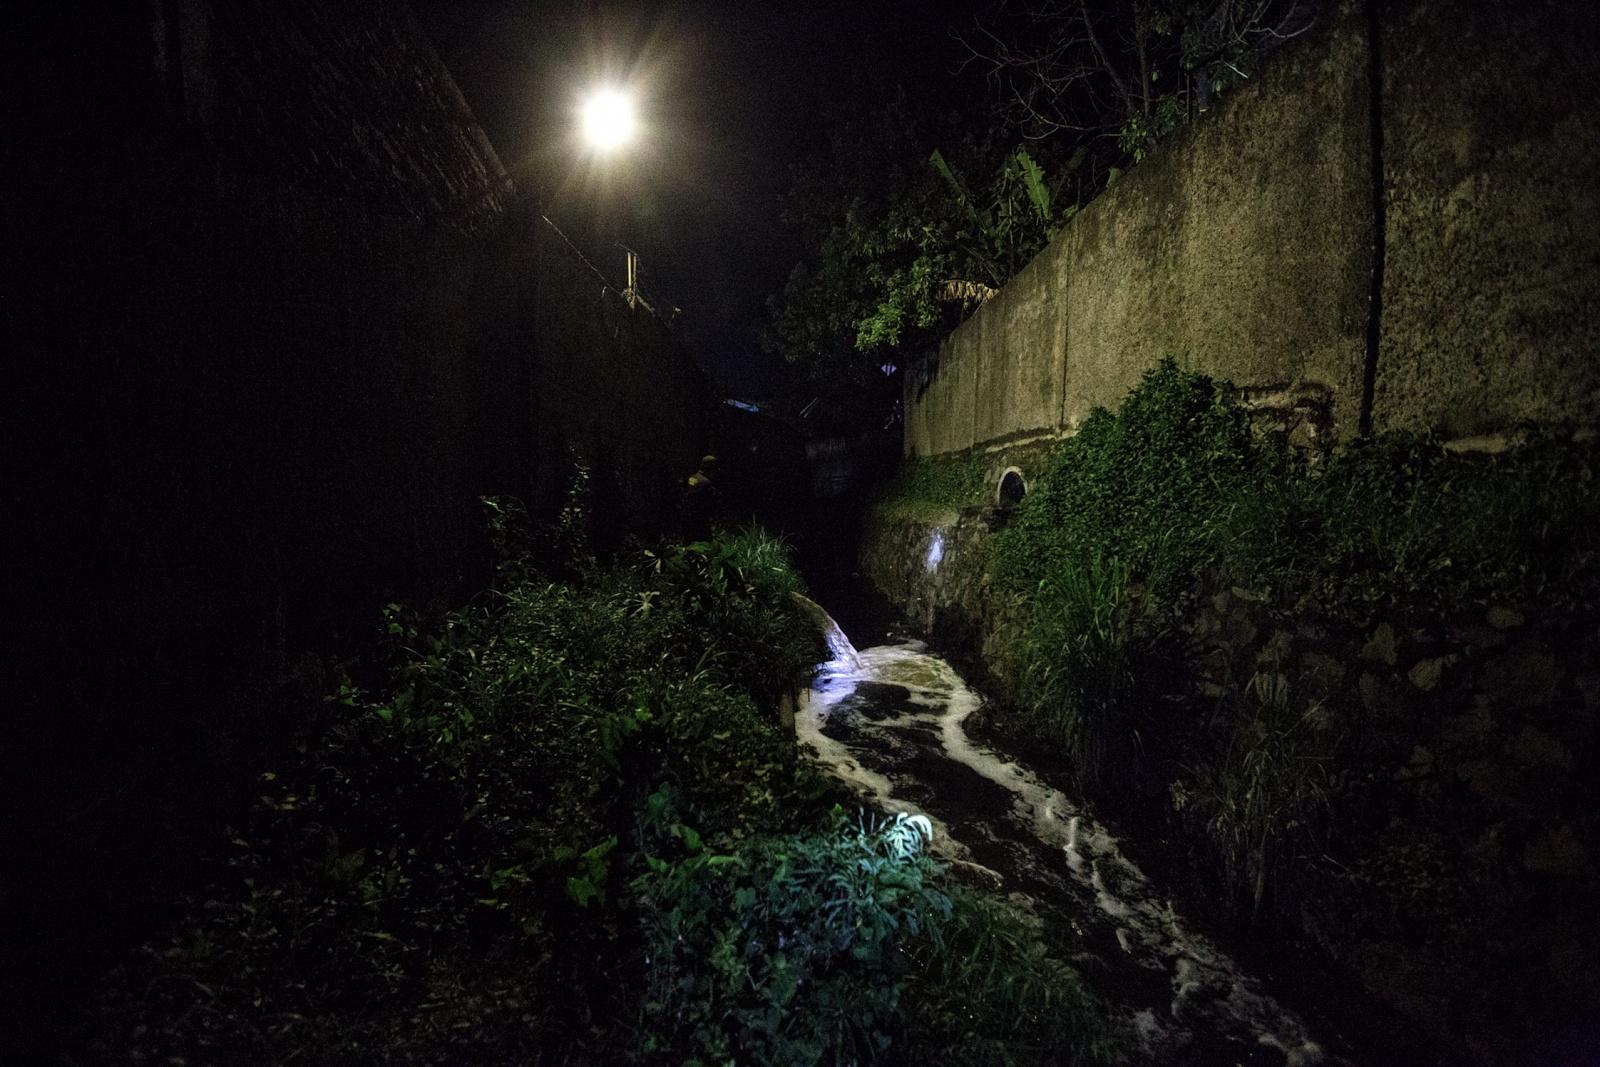 Majalaya Area, Bandung Regency, West Jawa, Indonesia, 2019 - Lungo un canale, in un'area nascosta e inaccessibile della zona industriale di Majalaya, una fabbrica tessile scarica direttamente dentro al fiume gli scarti del proprio processo produttivo. .